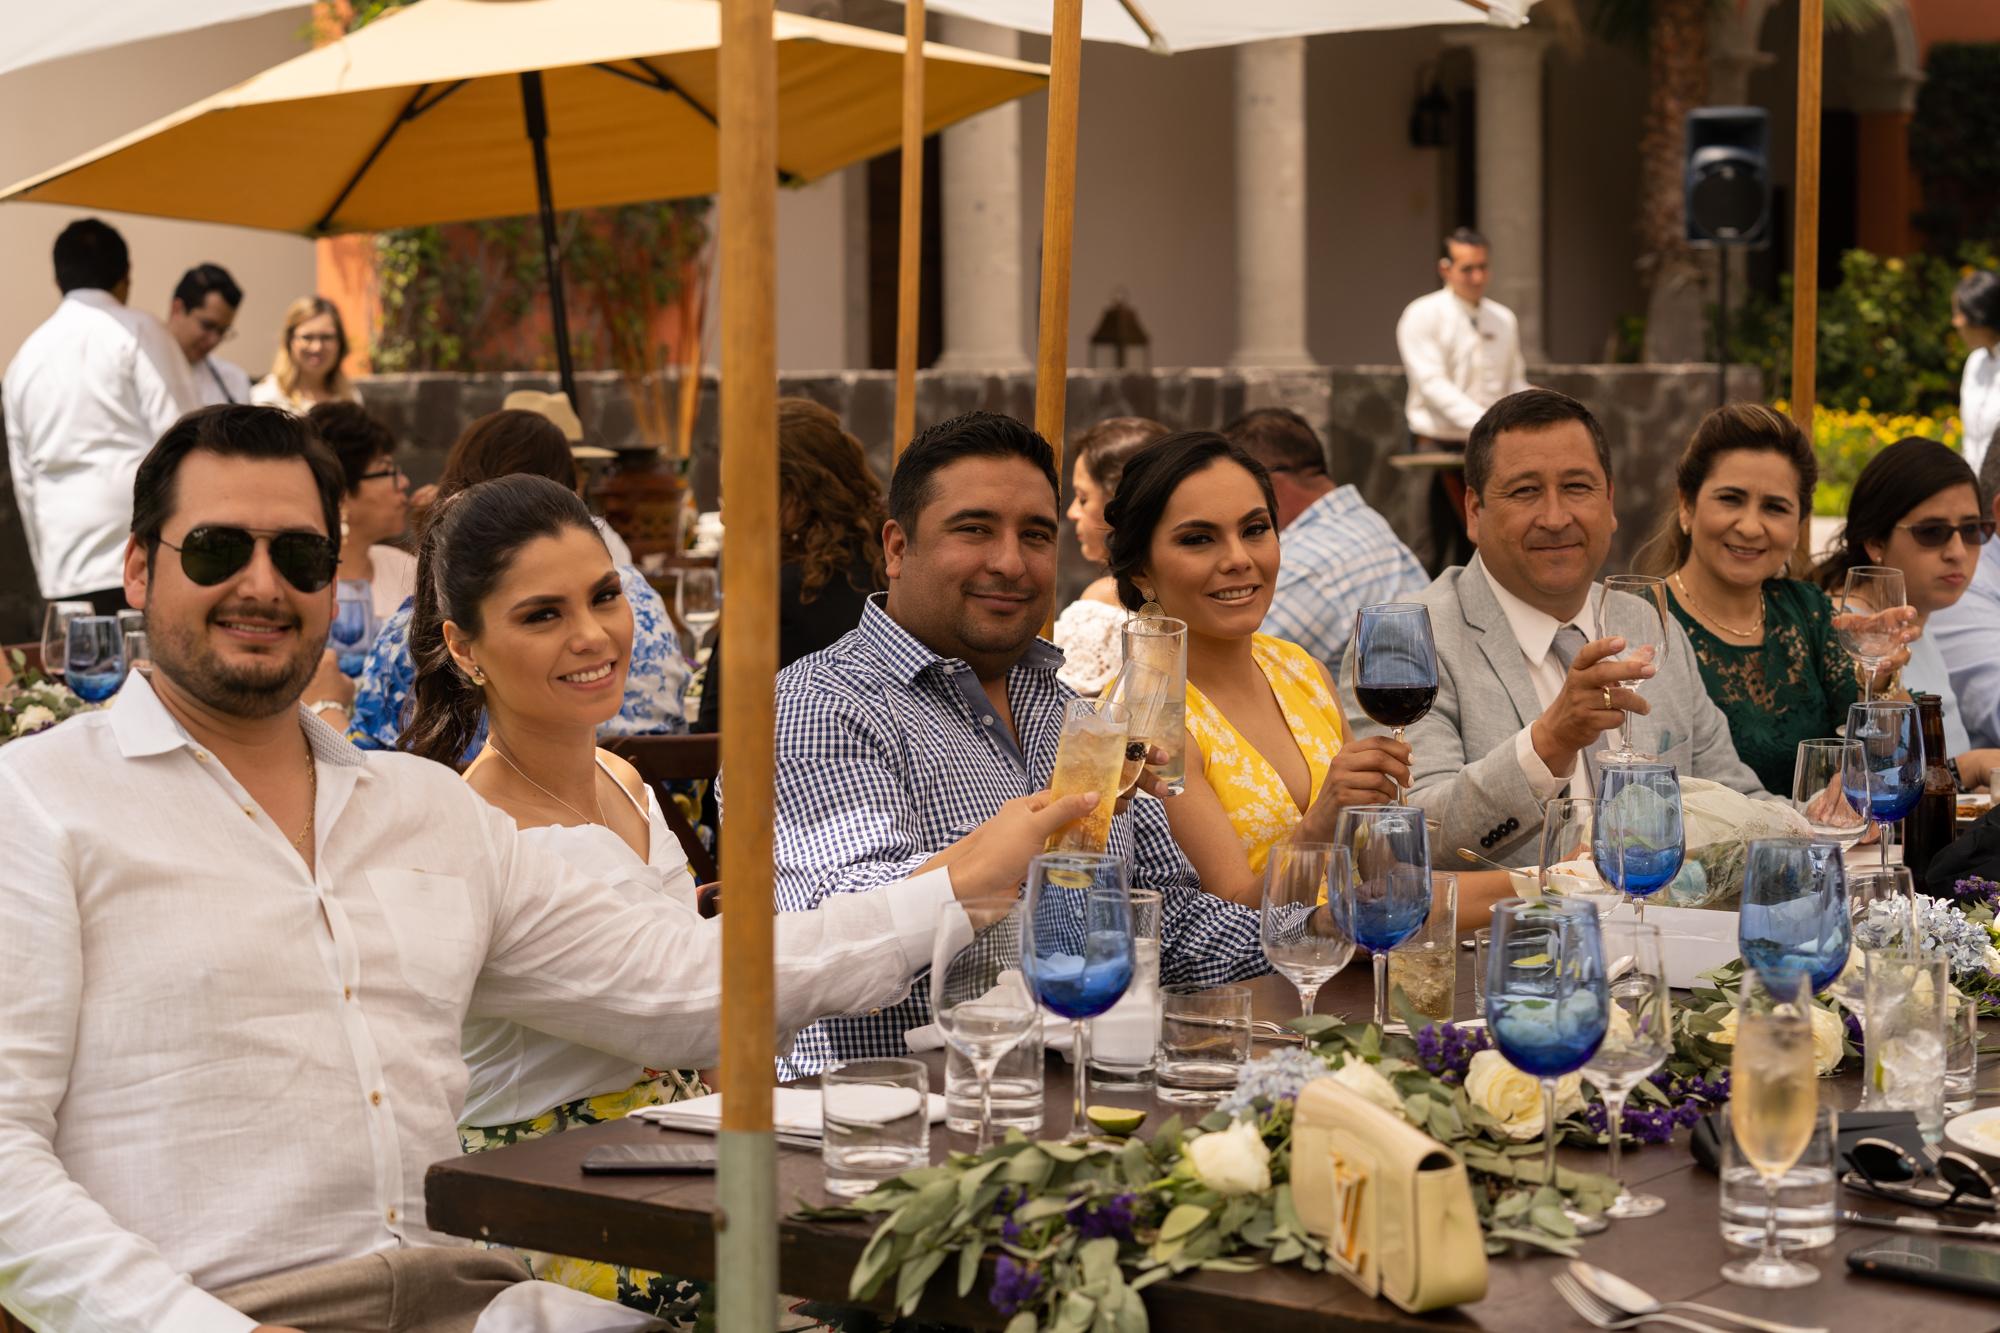 Sesion de Fotos en Rosewood San Migue de Allende del Bautizo de Alfonso-131.jpg